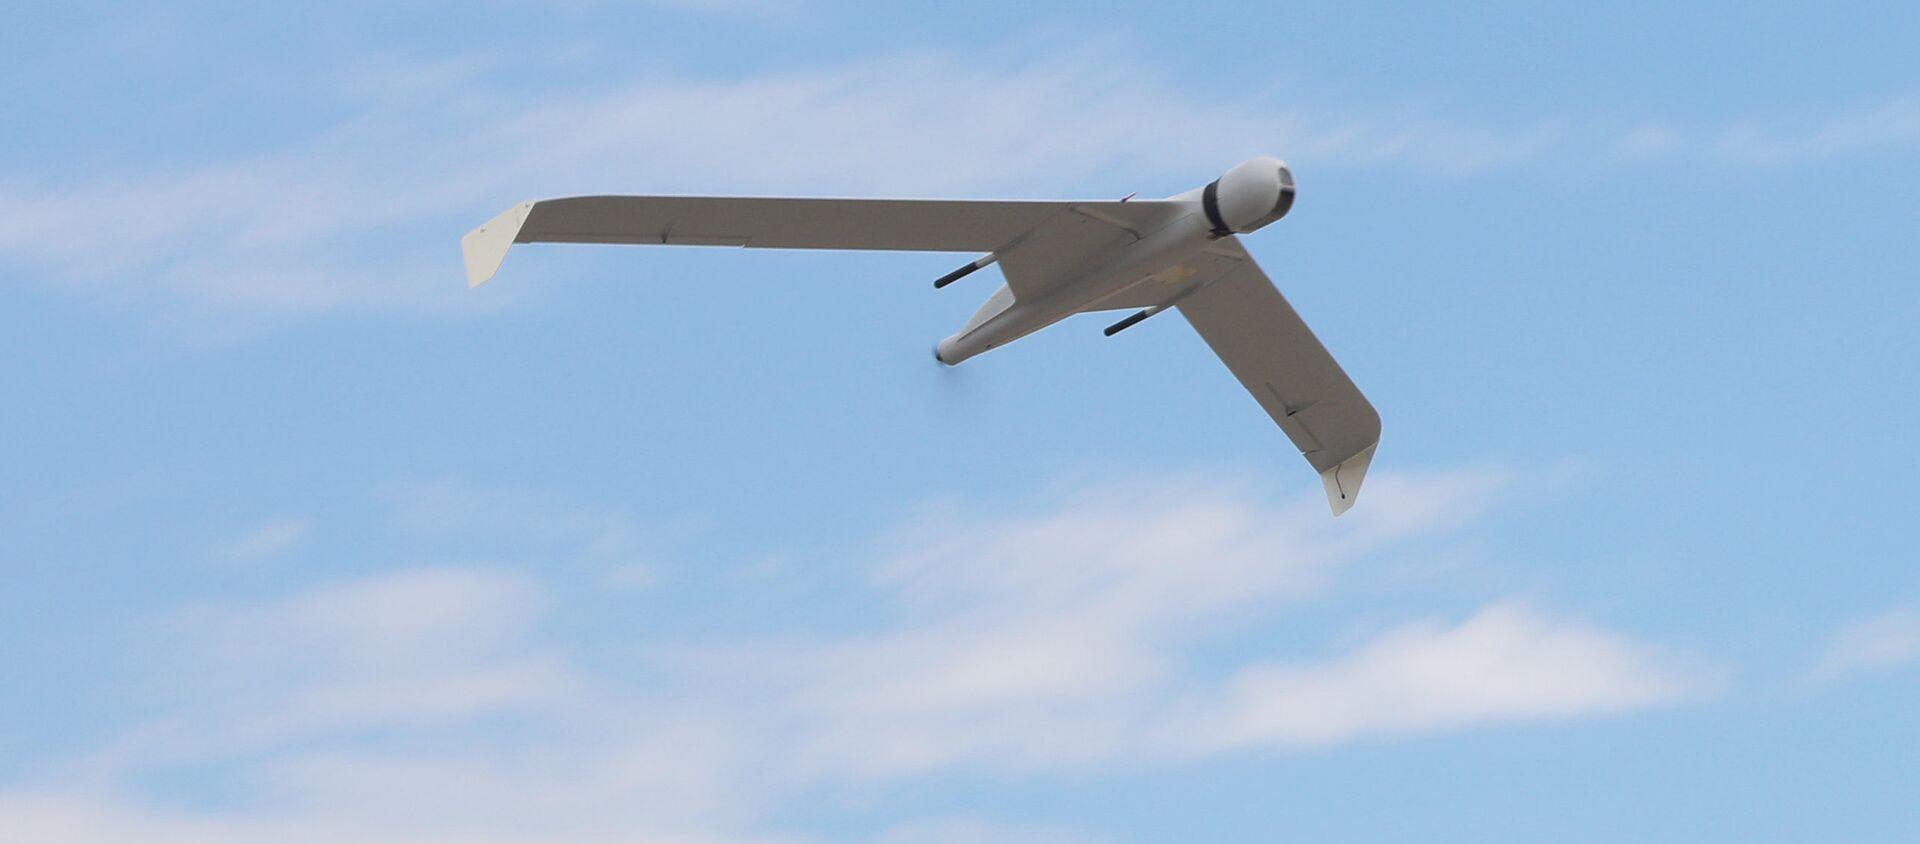 UAV Nga ZALA 421-16Е2 - Sputnik Việt Nam, 1920, 16.04.2021